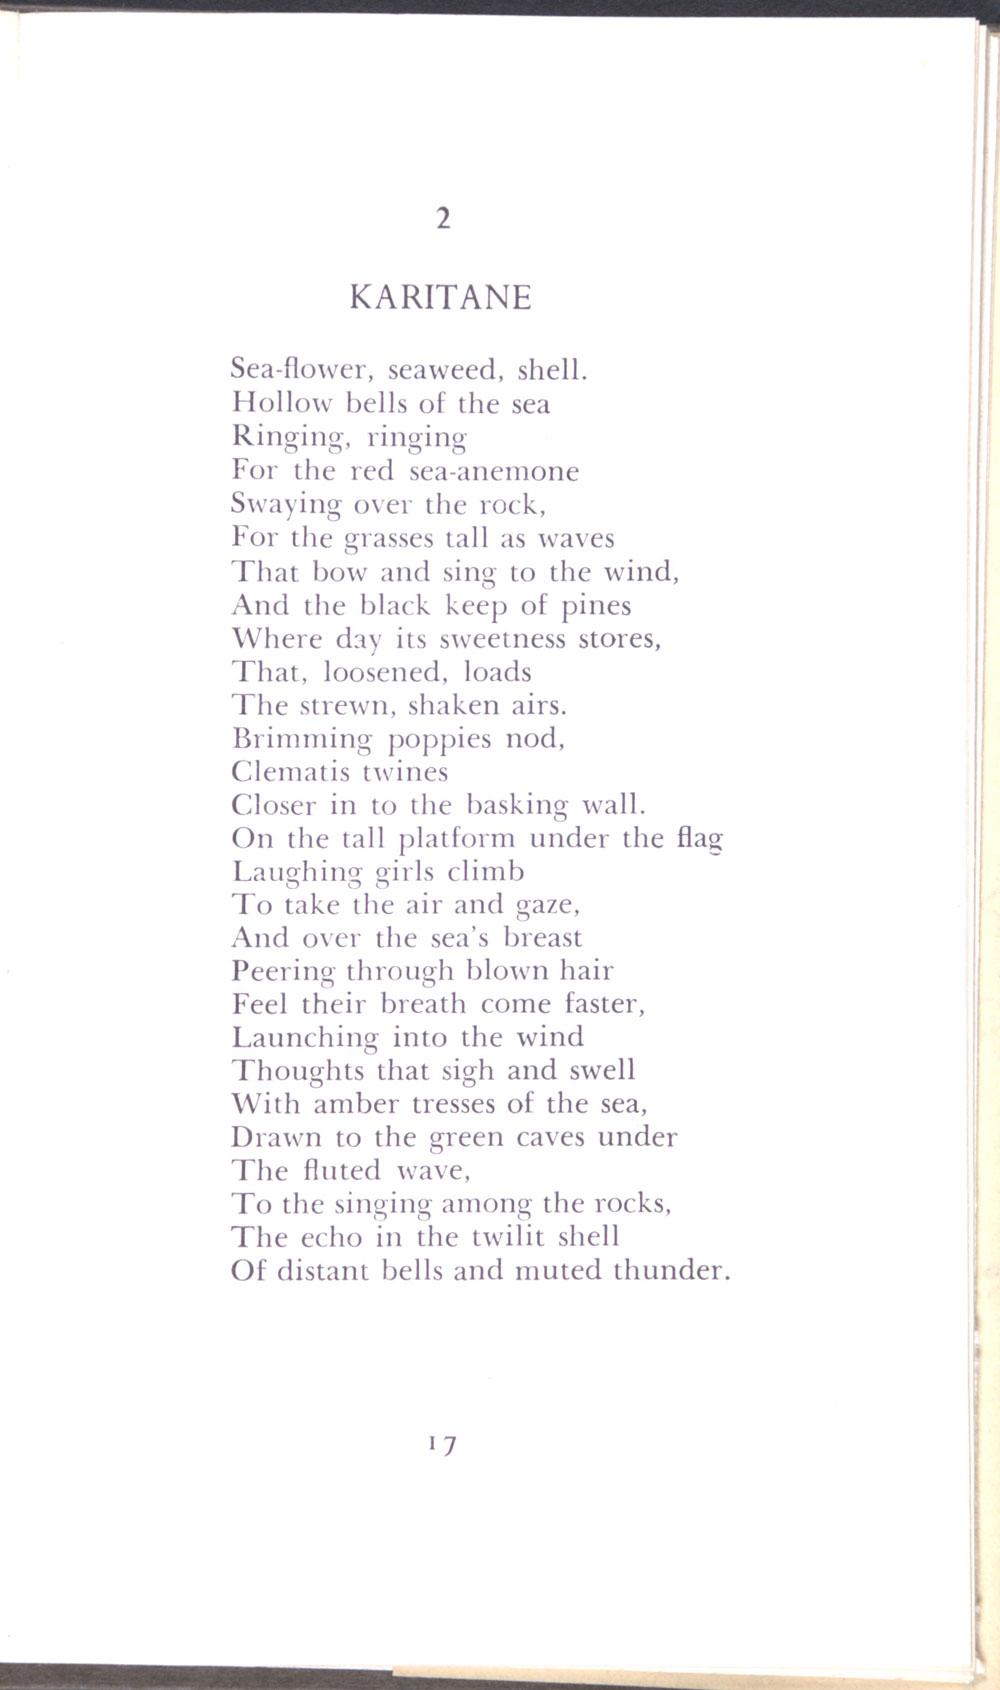 Charles Brasch. <em>Disputed ground: poems 1939-1945</em>. Christchurch: Caxton Press, 1948.